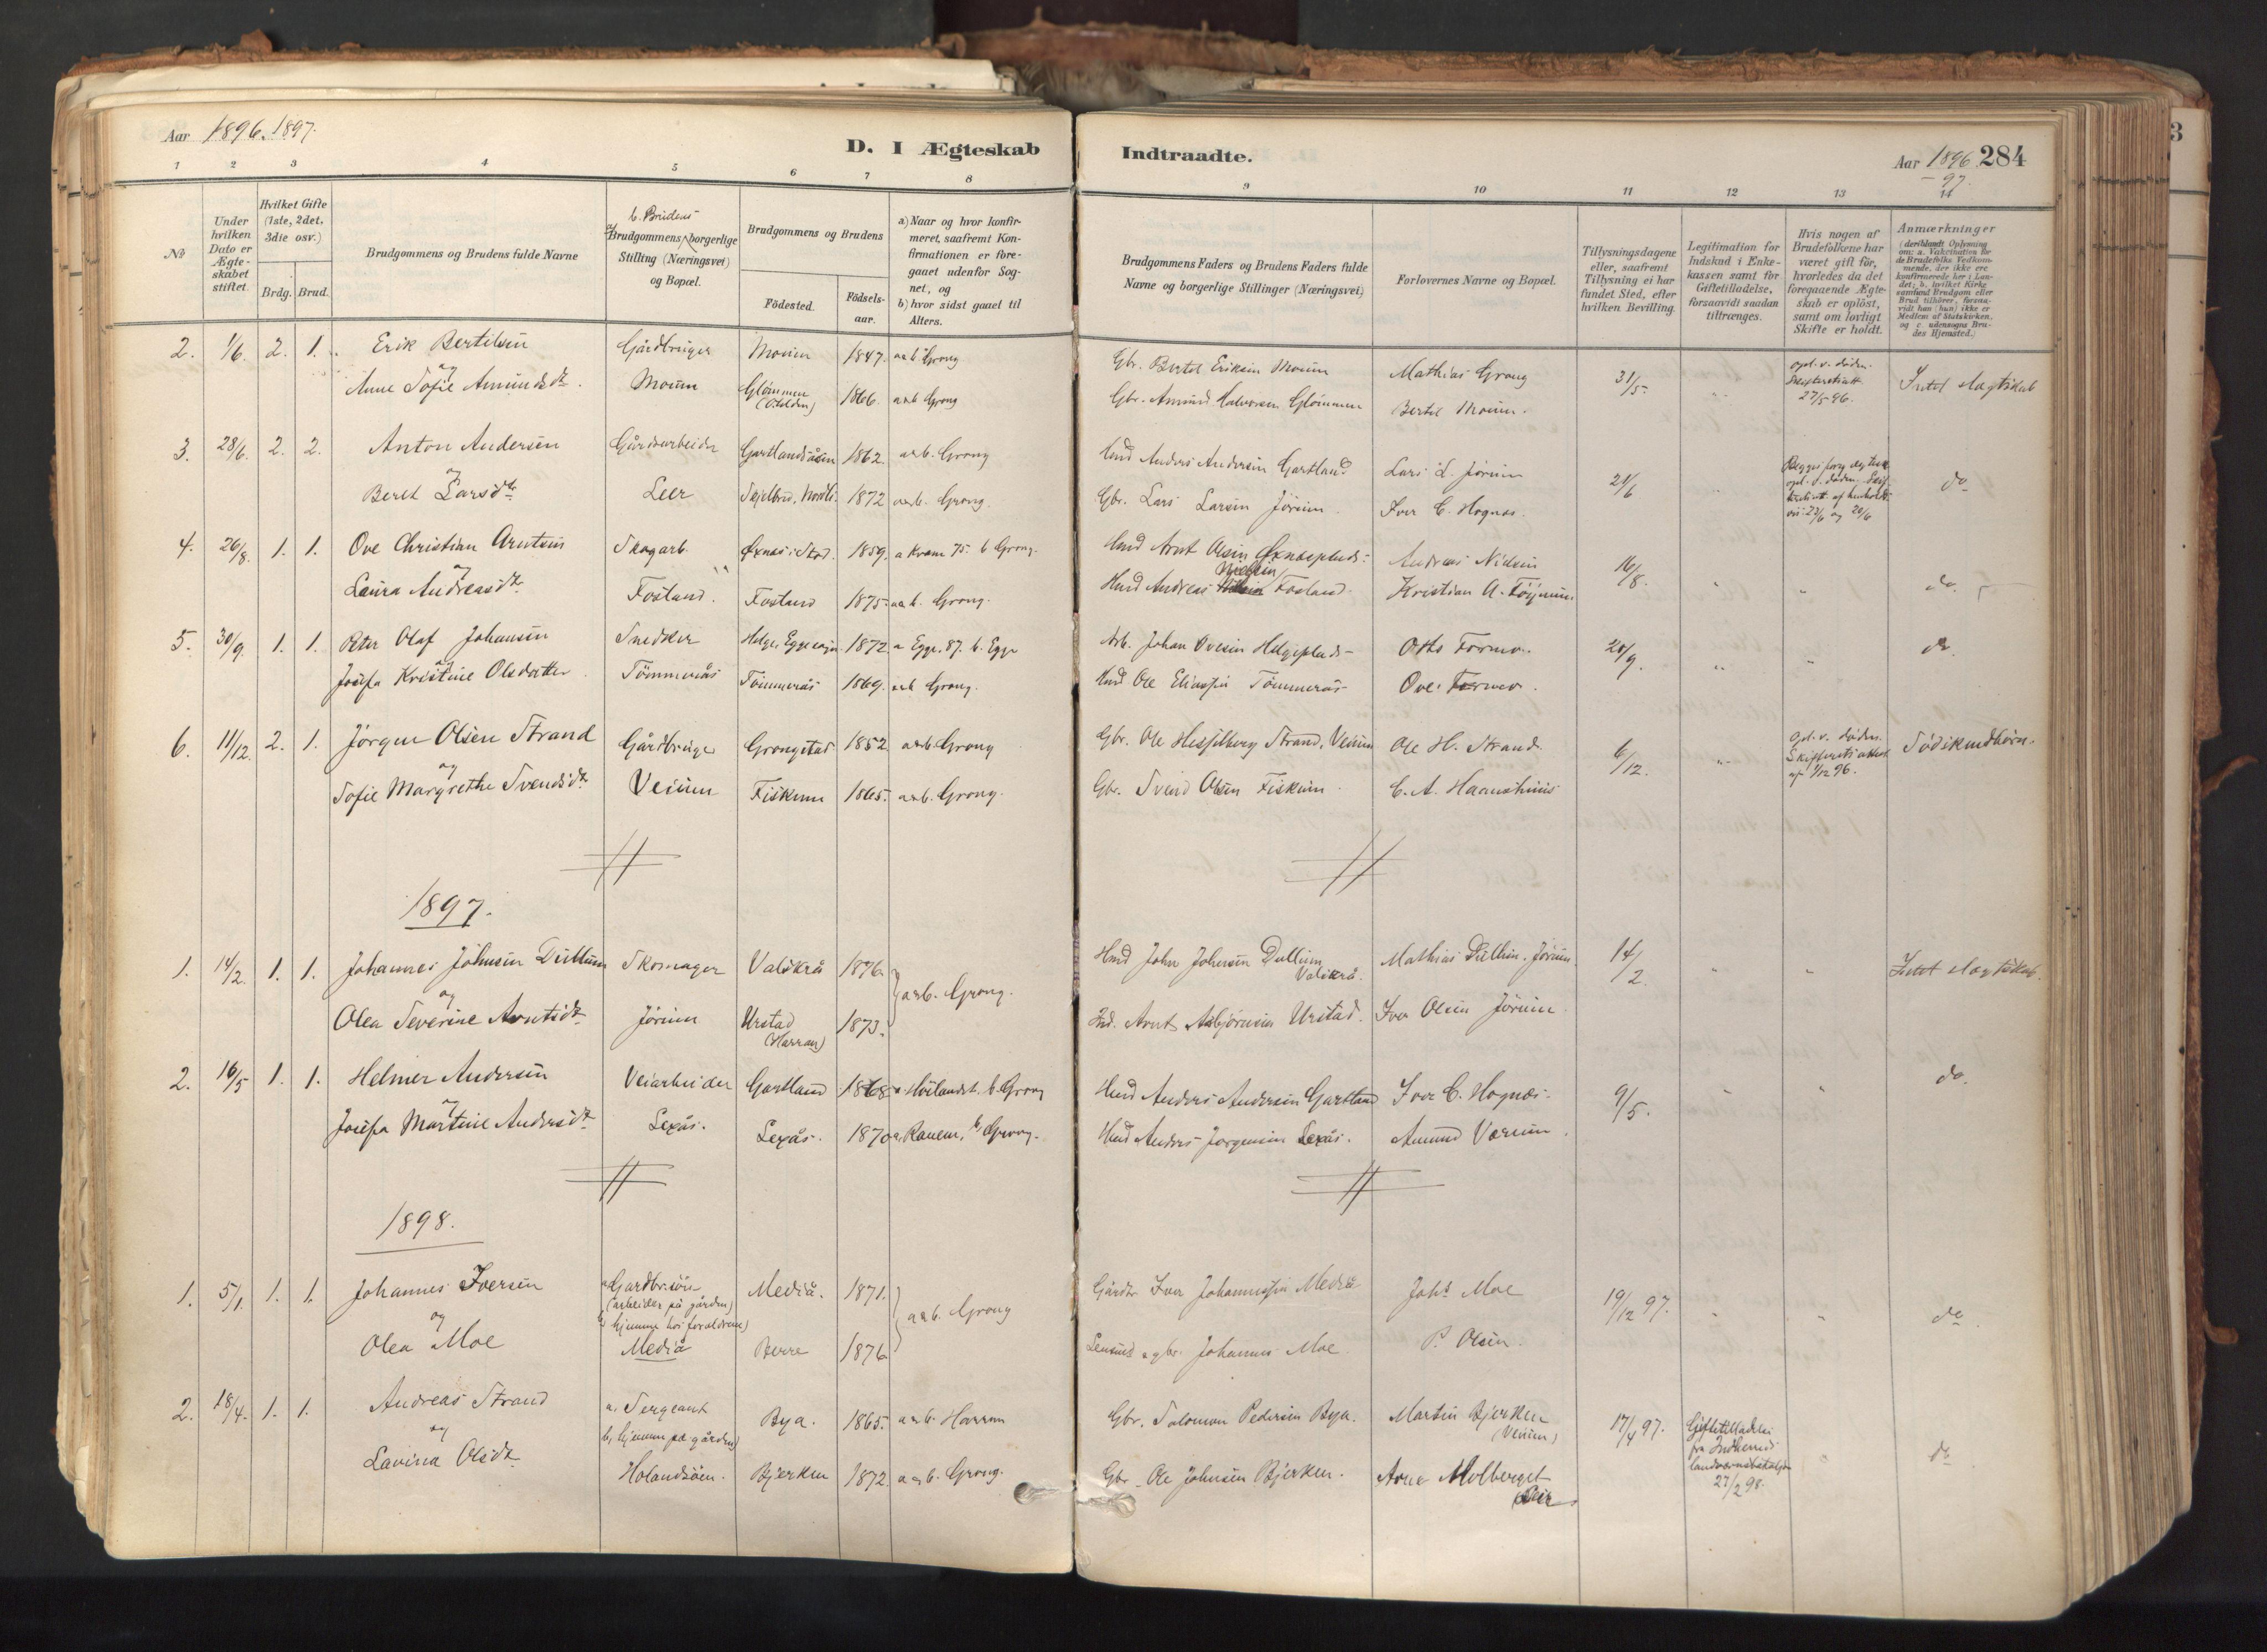 SAT, Ministerialprotokoller, klokkerbøker og fødselsregistre - Nord-Trøndelag, 758/L0519: Ministerialbok nr. 758A04, 1880-1926, s. 284